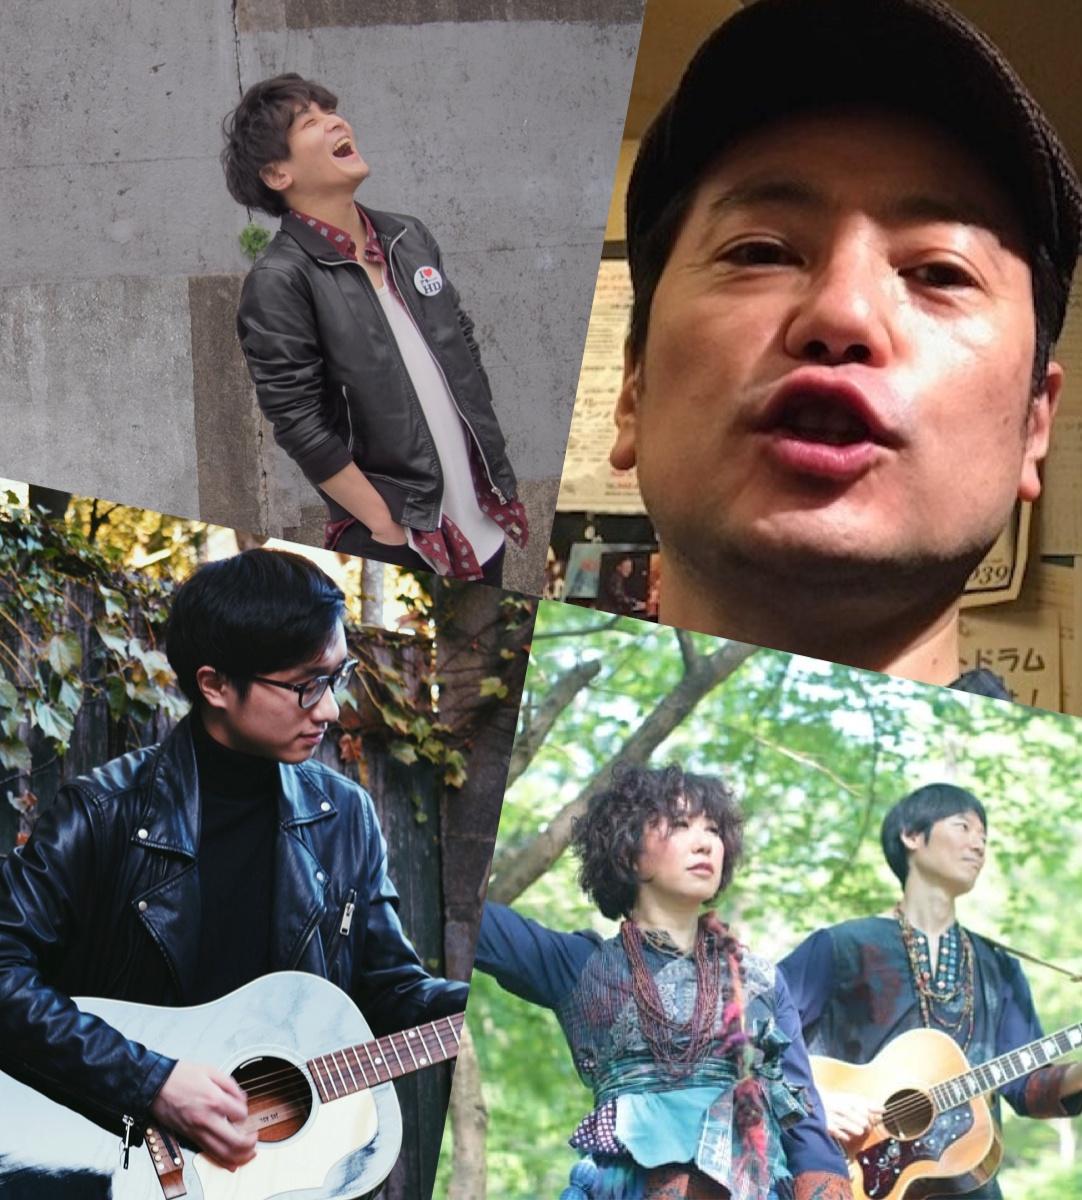 『月に手を伸ばせ ~even if we can't~』出演:荒木林太郎 / とくやけいいち / イオンキ / 青花+哲史